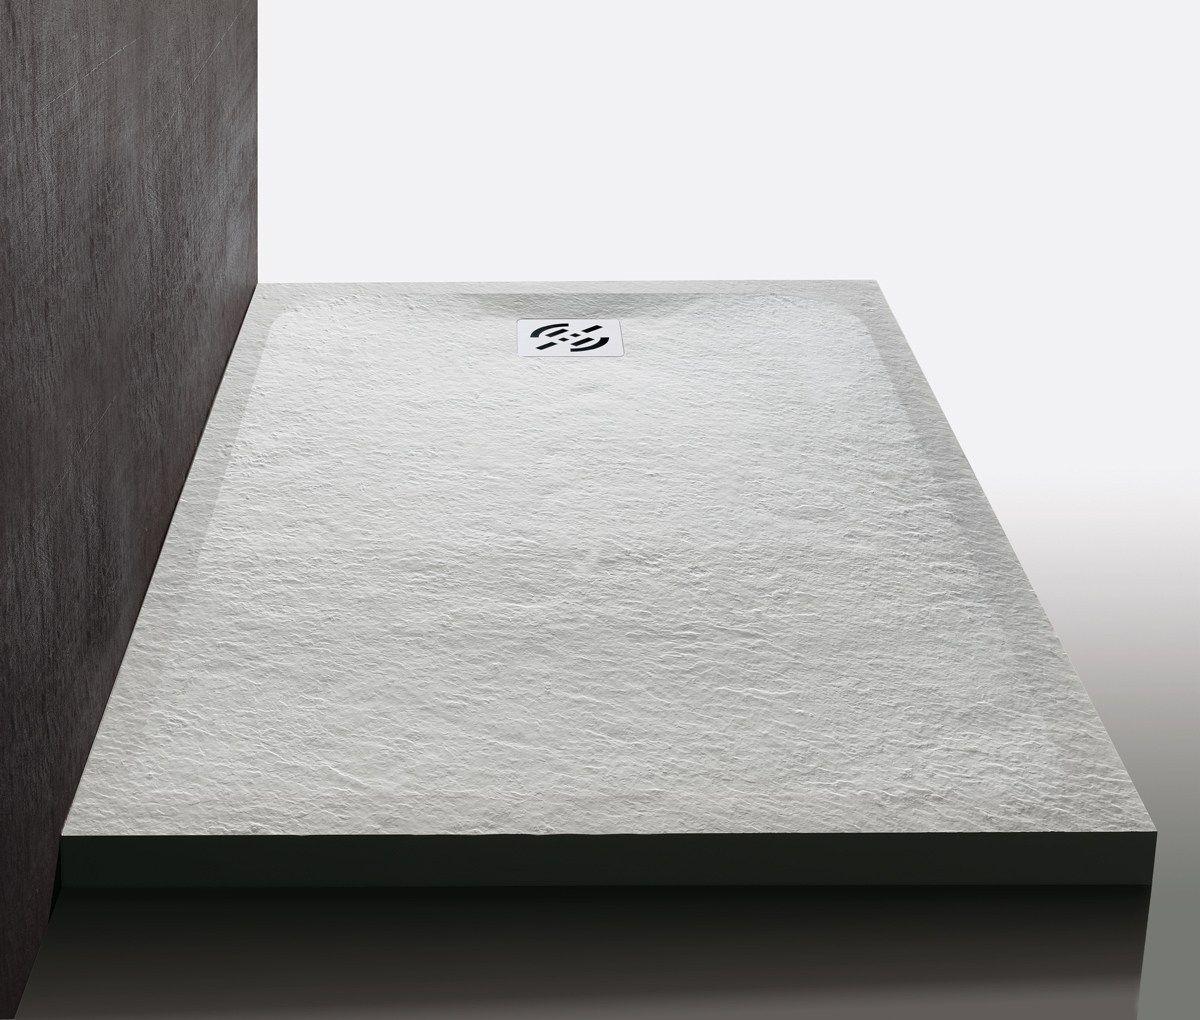 Samo stone piatto doccia antiscivolo in mineralmarmo 80 for Piatto doccia antiscivolo